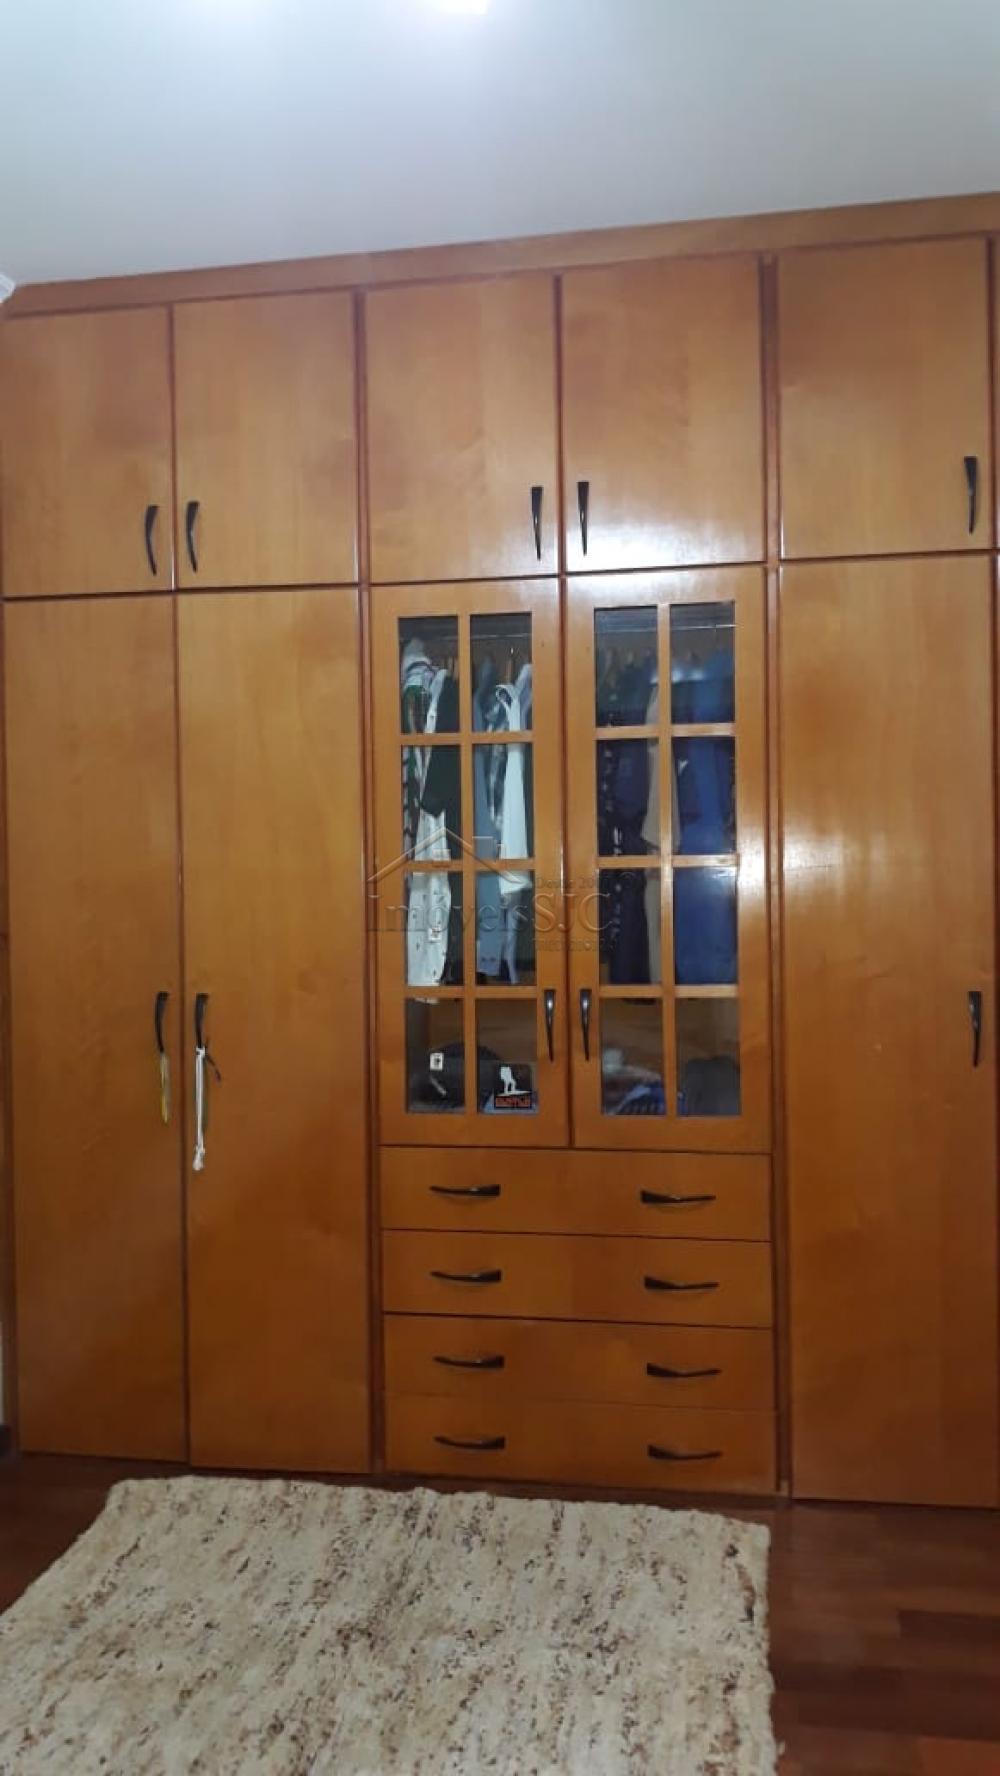 Comprar Casas / Condomínio em São José dos Campos apenas R$ 890.000,00 - Foto 7